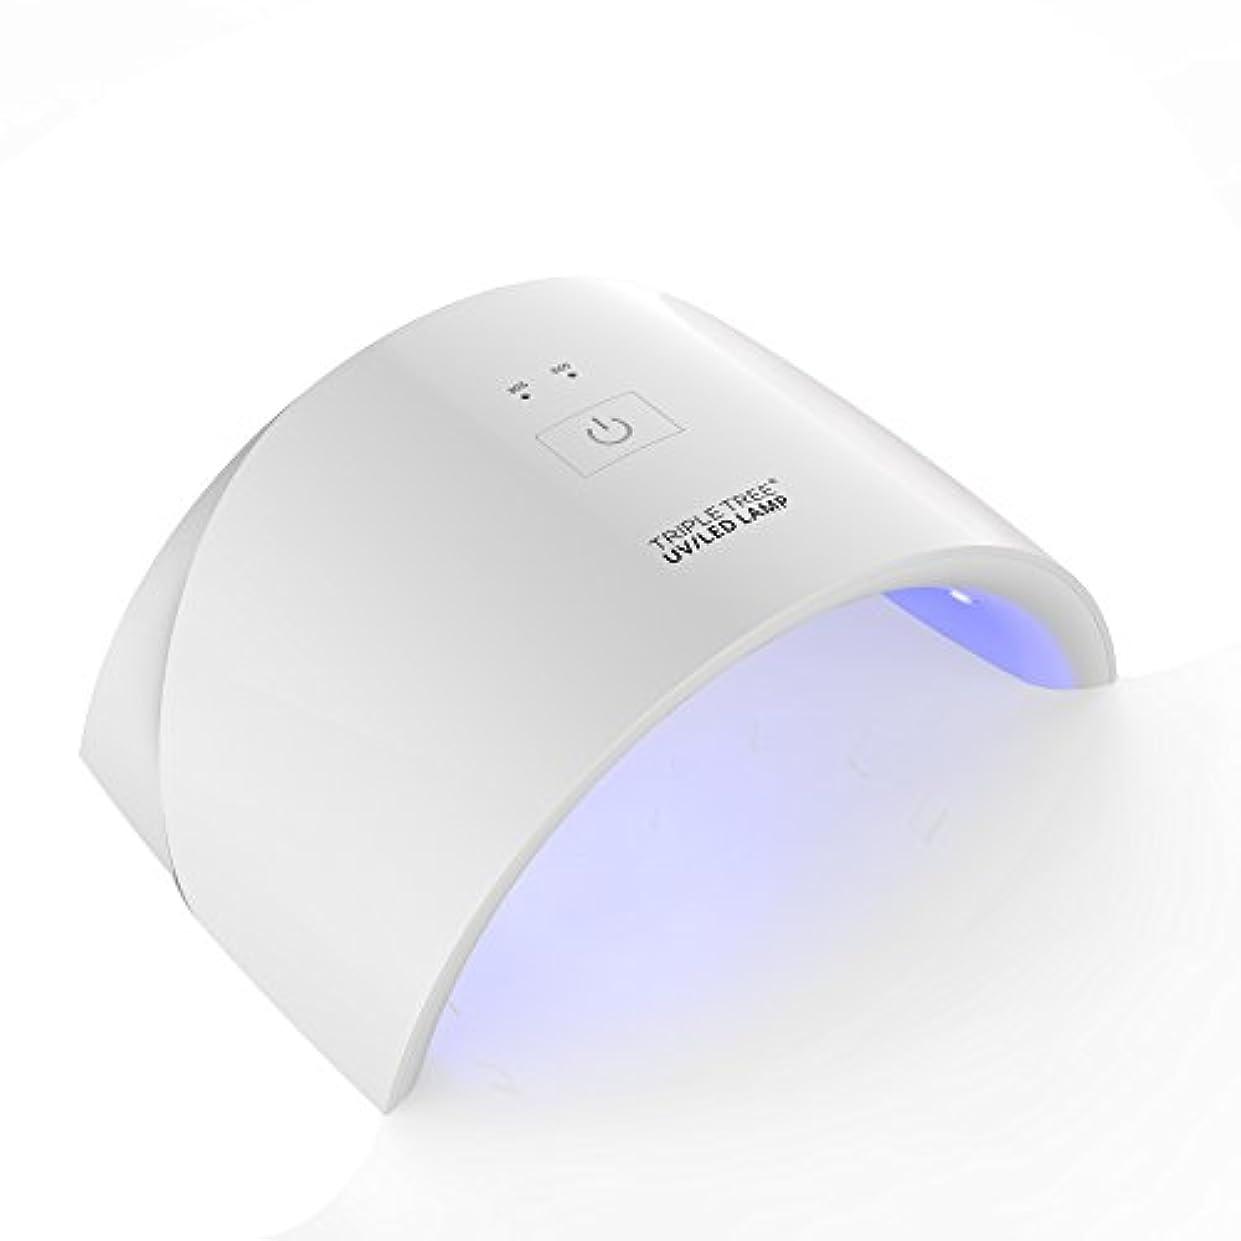 去るオーディションのれんLED ネイルドライヤー ネイルらいと 硬化用UVライト UVライト LEDライト マニキュア用 タイマー機能 自動センサー機能 レジンにも便利 (36w)